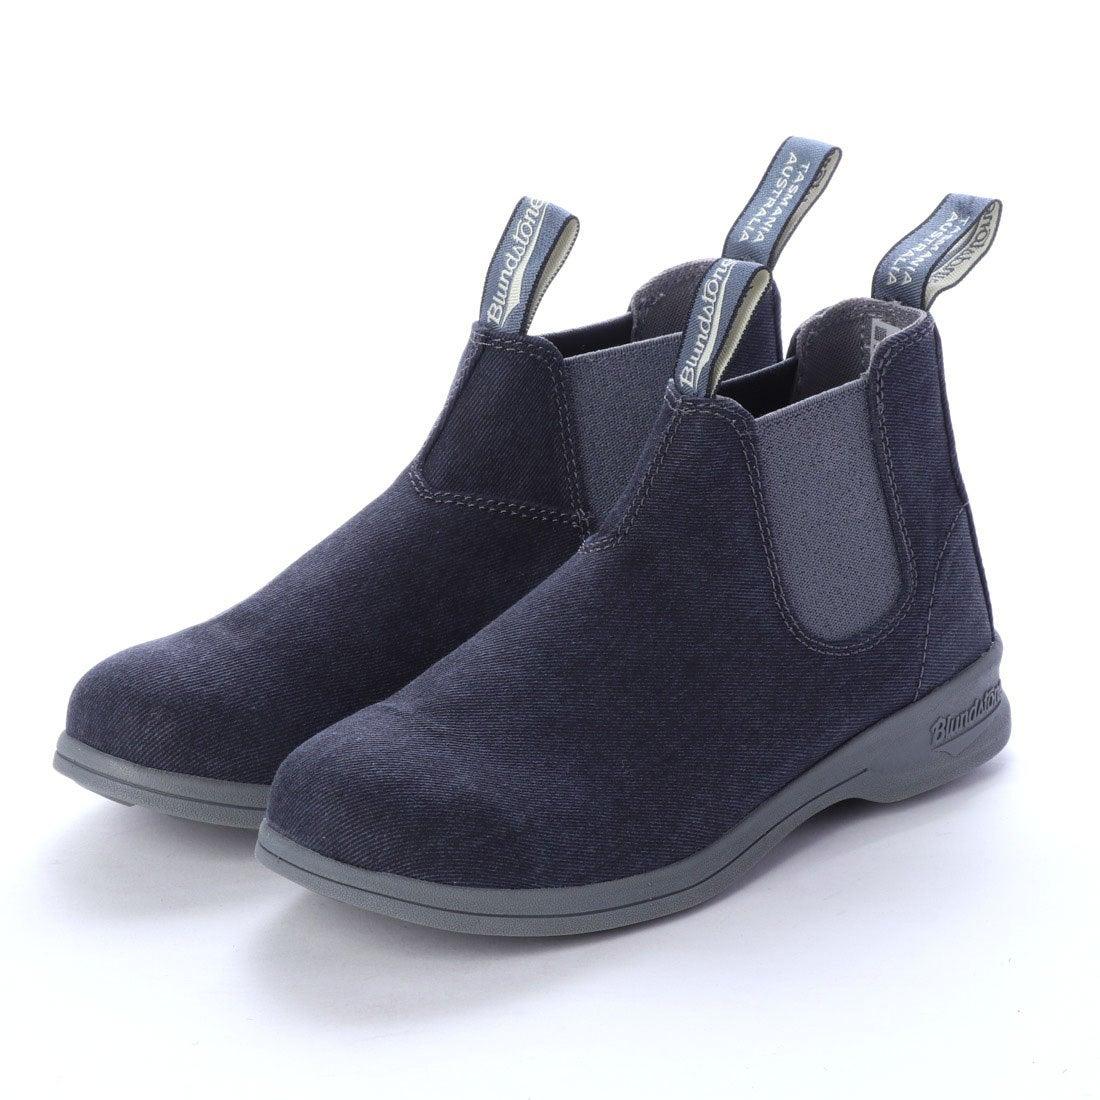 ロコンド 靴とファッションの通販サイトブランドストーン Blundstone BS1389(キャンバス) (ブルーデニム)